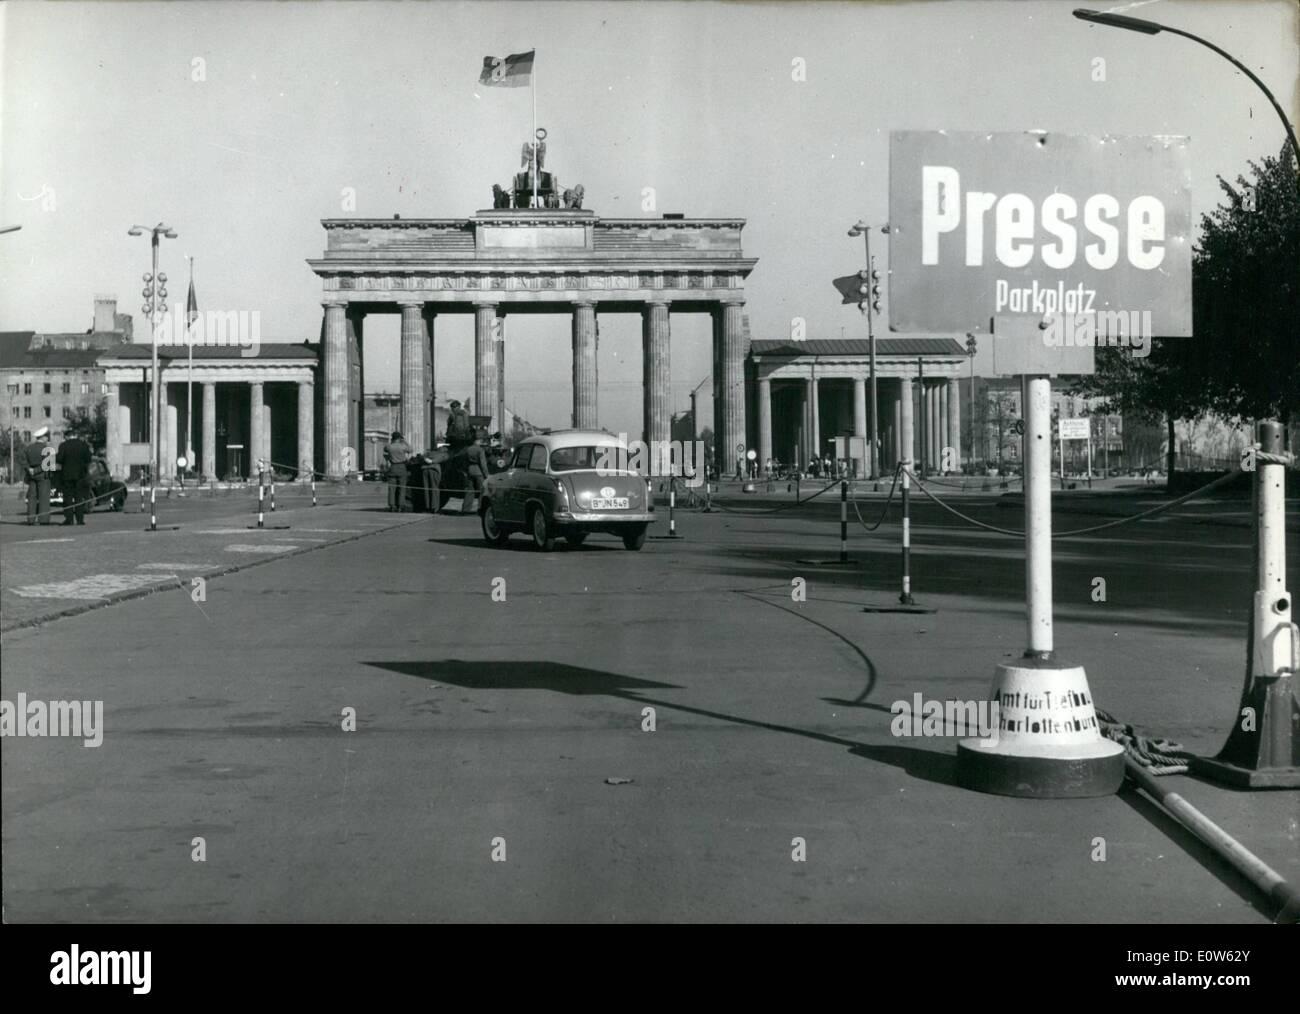 Parking Place Berlin Stockfotos Und Bilder Kaufen Alamy